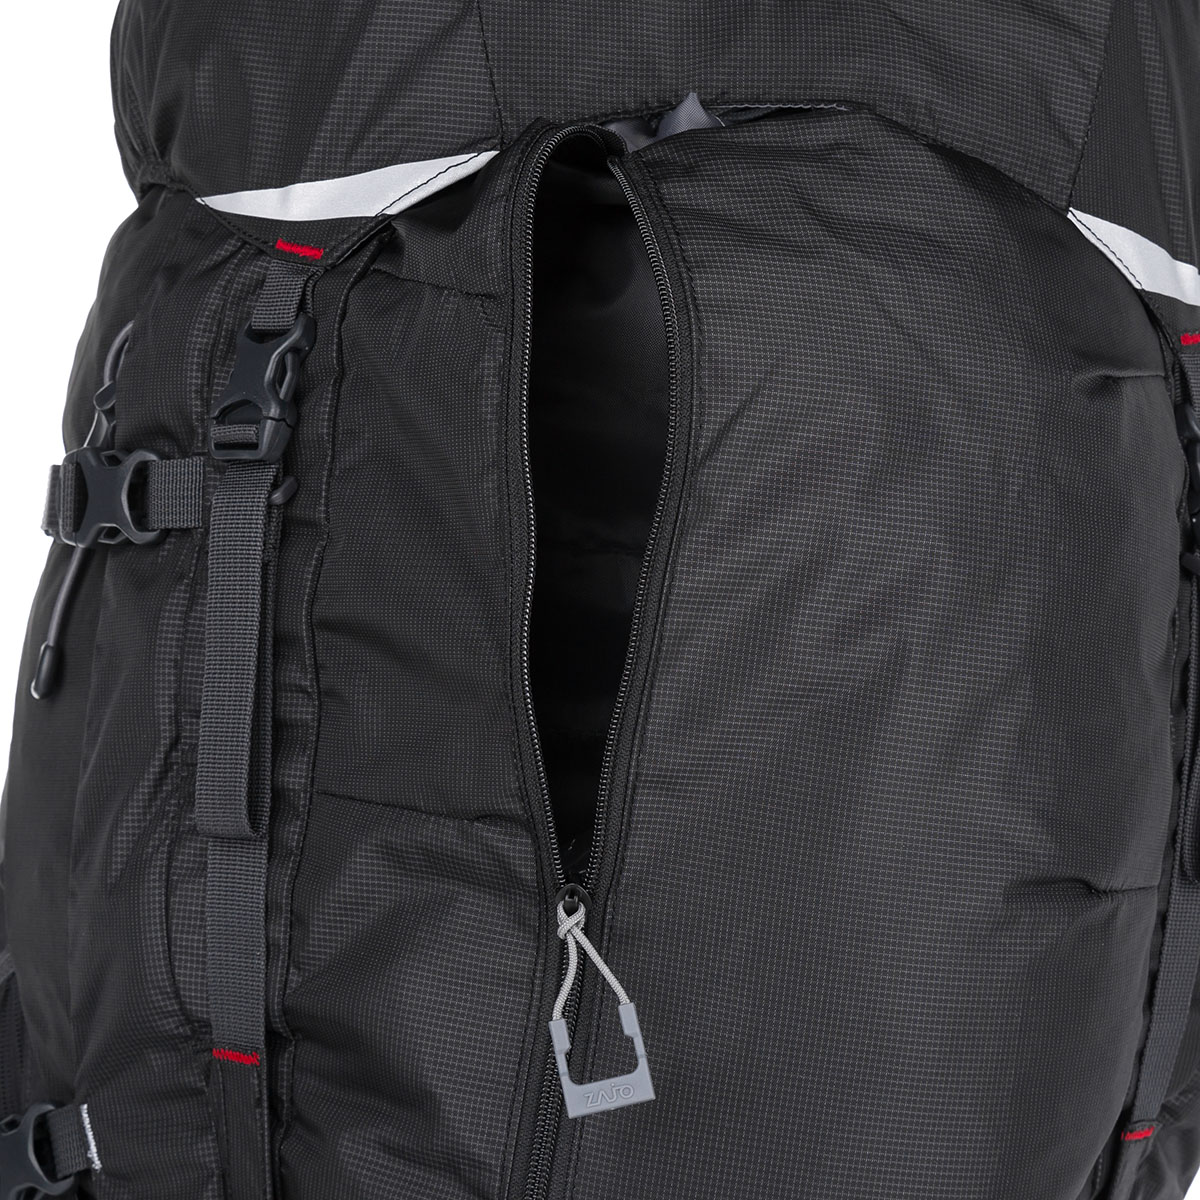 Lhotse 65 Backpack 7